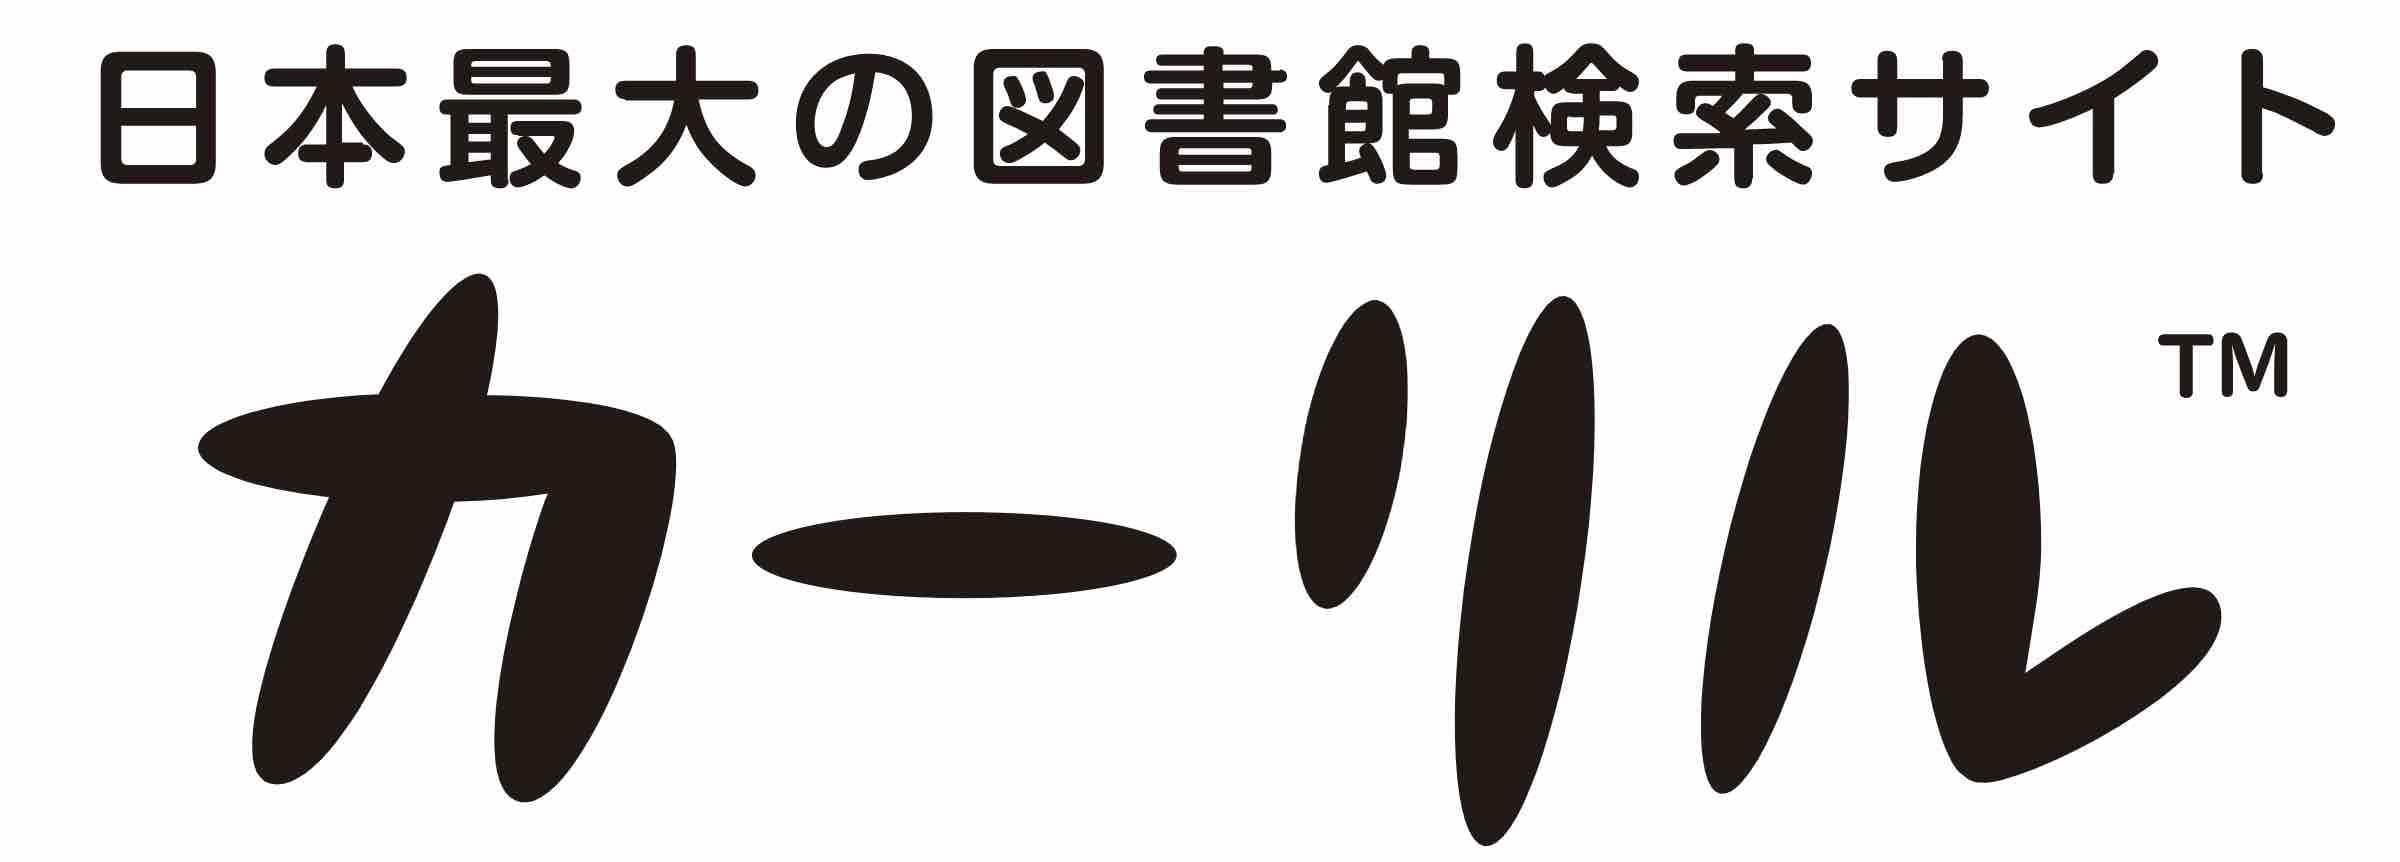 日本最大の図書館検索サイト「カーリル」でこの本を検索します